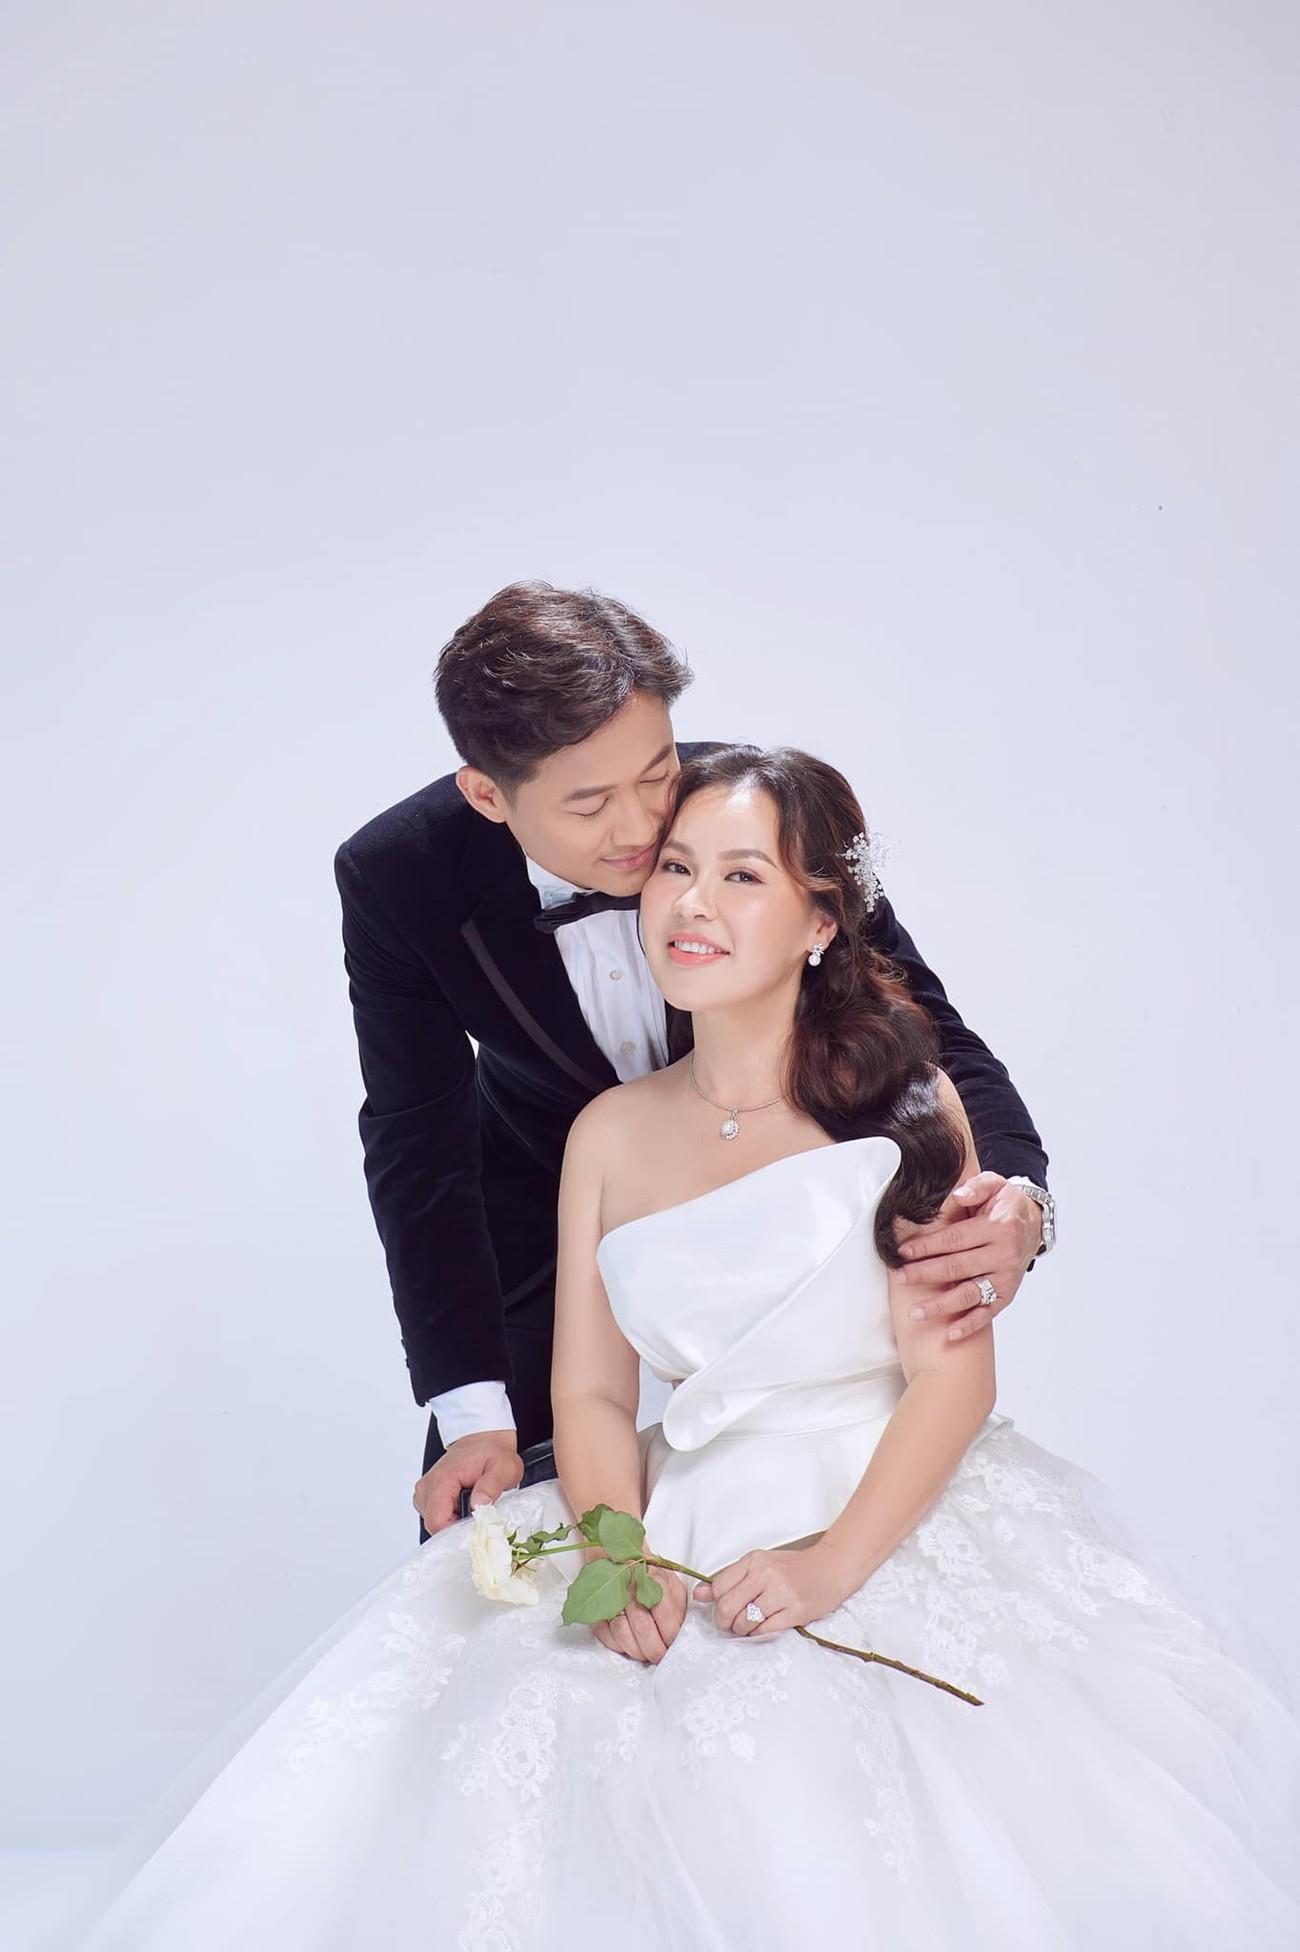 Hé lộ thêm ảnh cưới của Quý Bình, vợ doanh nhân cực trẻ trung và xinh đẹp ảnh 4